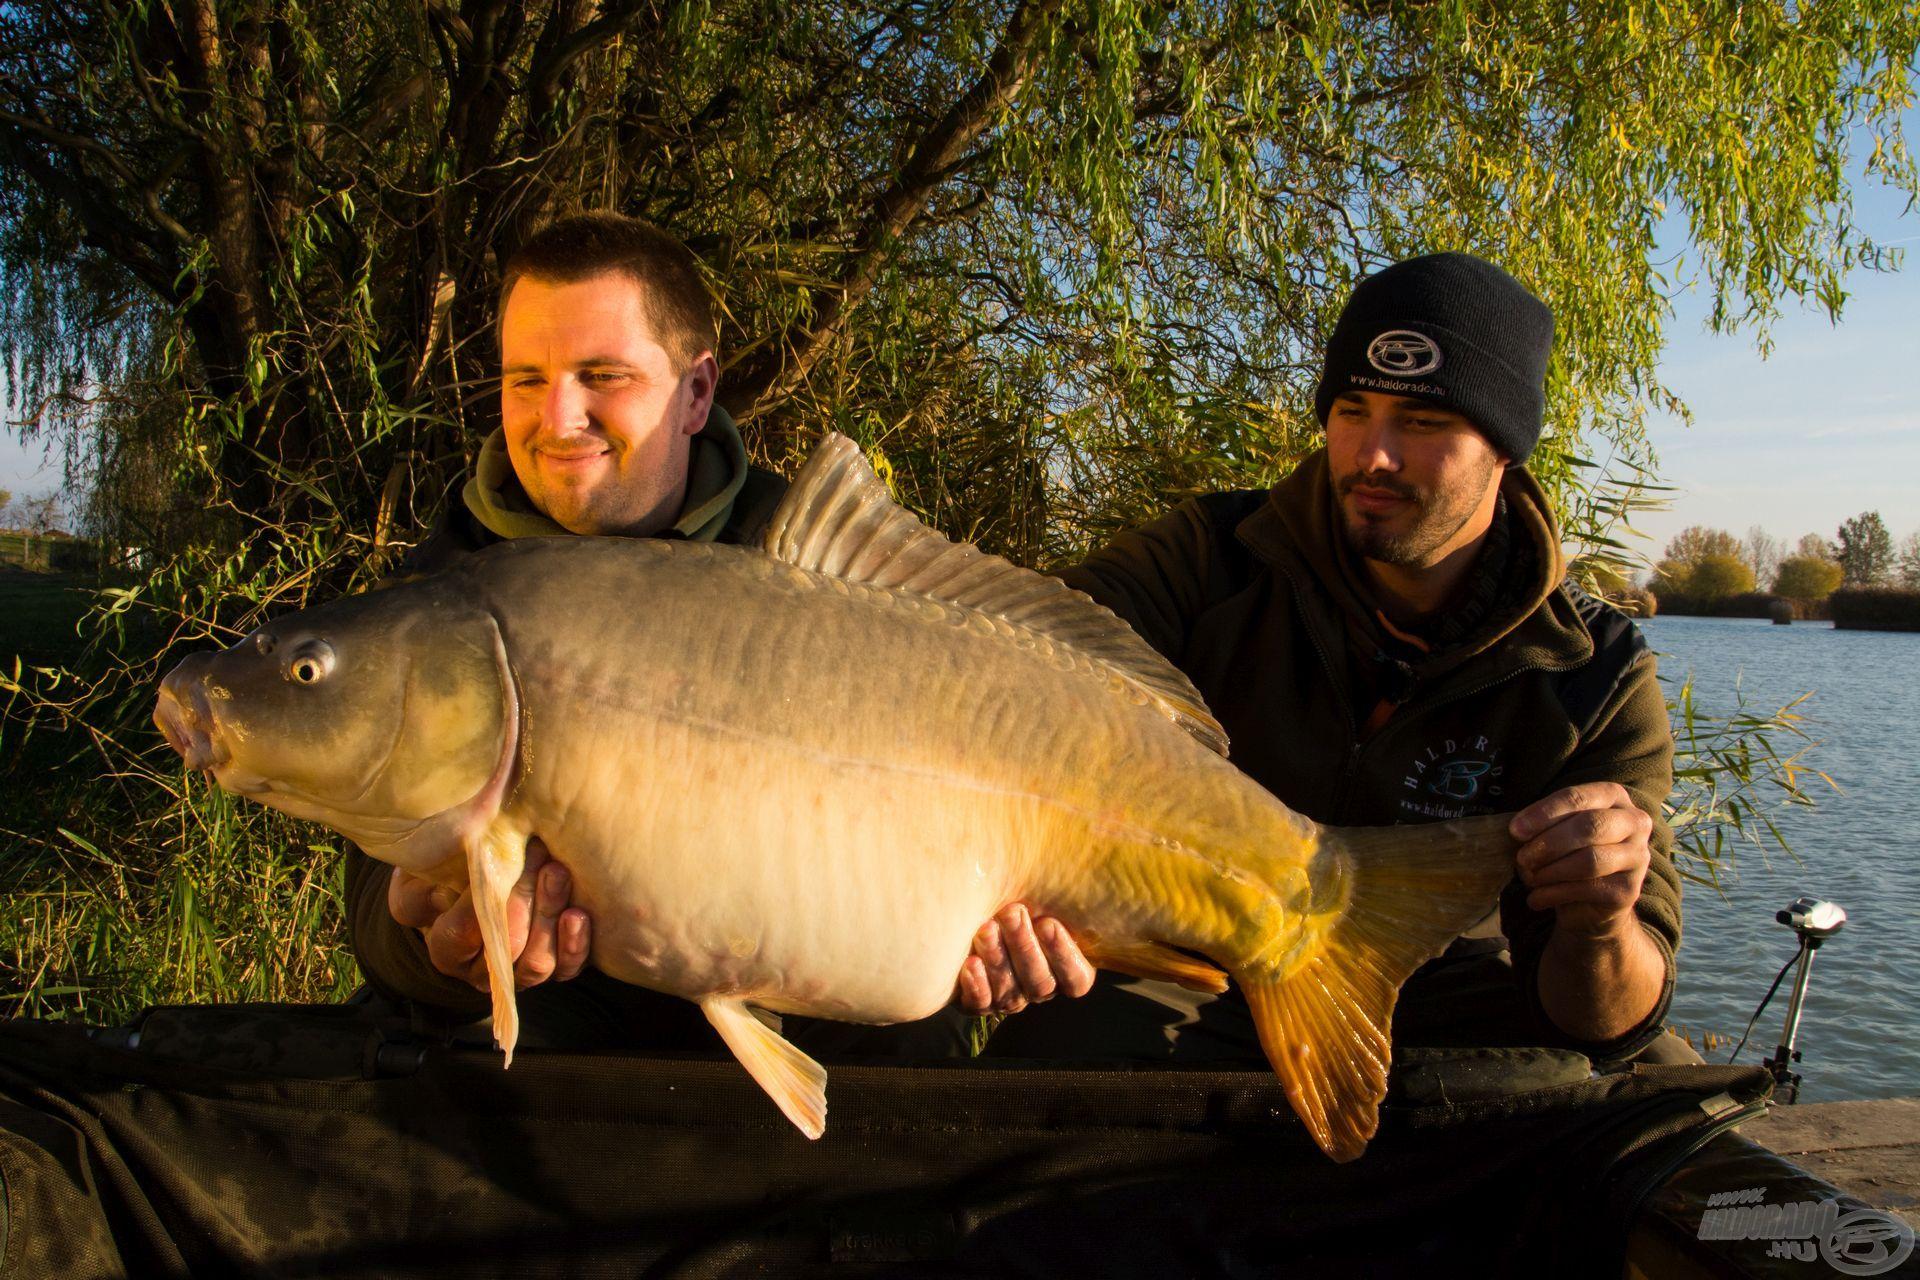 Haskó Tamás és Farkas Szabolcs őszi túrájának legszebb hala szintén egy ilyen kikönnyített, nagyméretű csalikombinációra csábult el